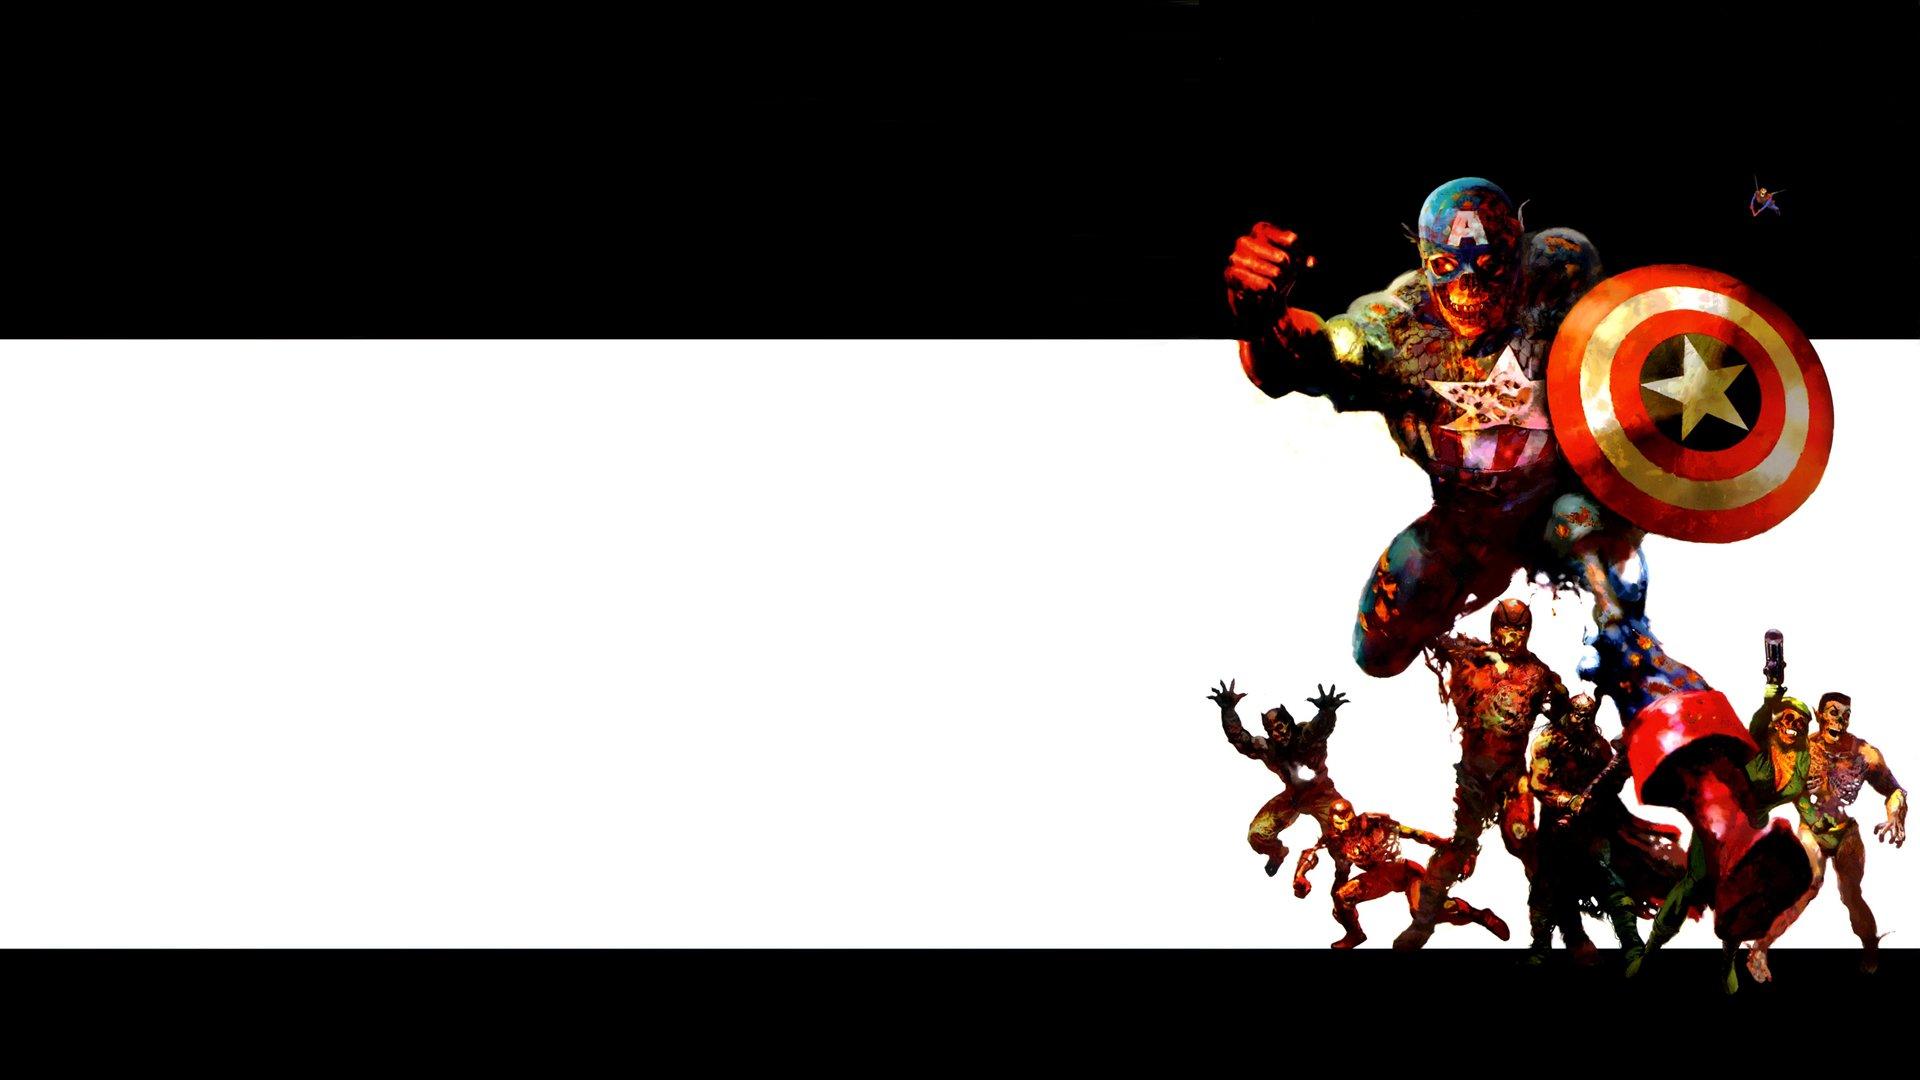 Comics - Marvel Zombies  Wallpaper